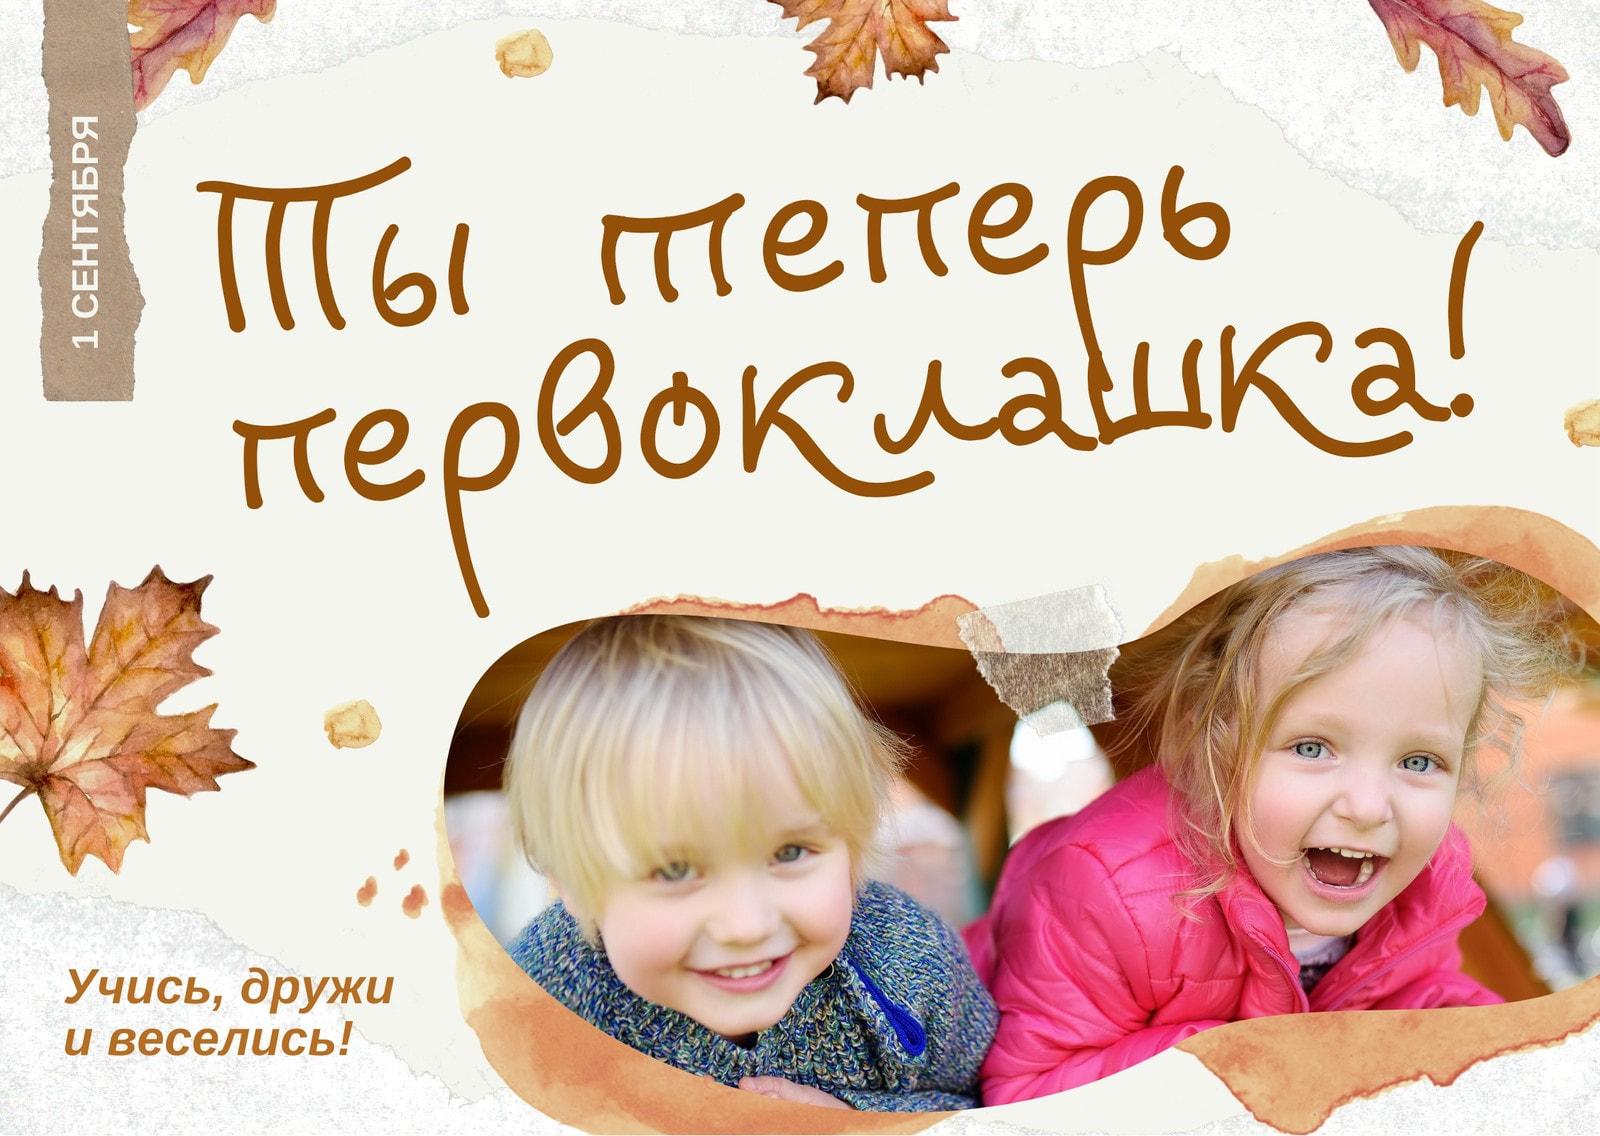 Оранжево-серая открытка на первое сентября с фотографией детей